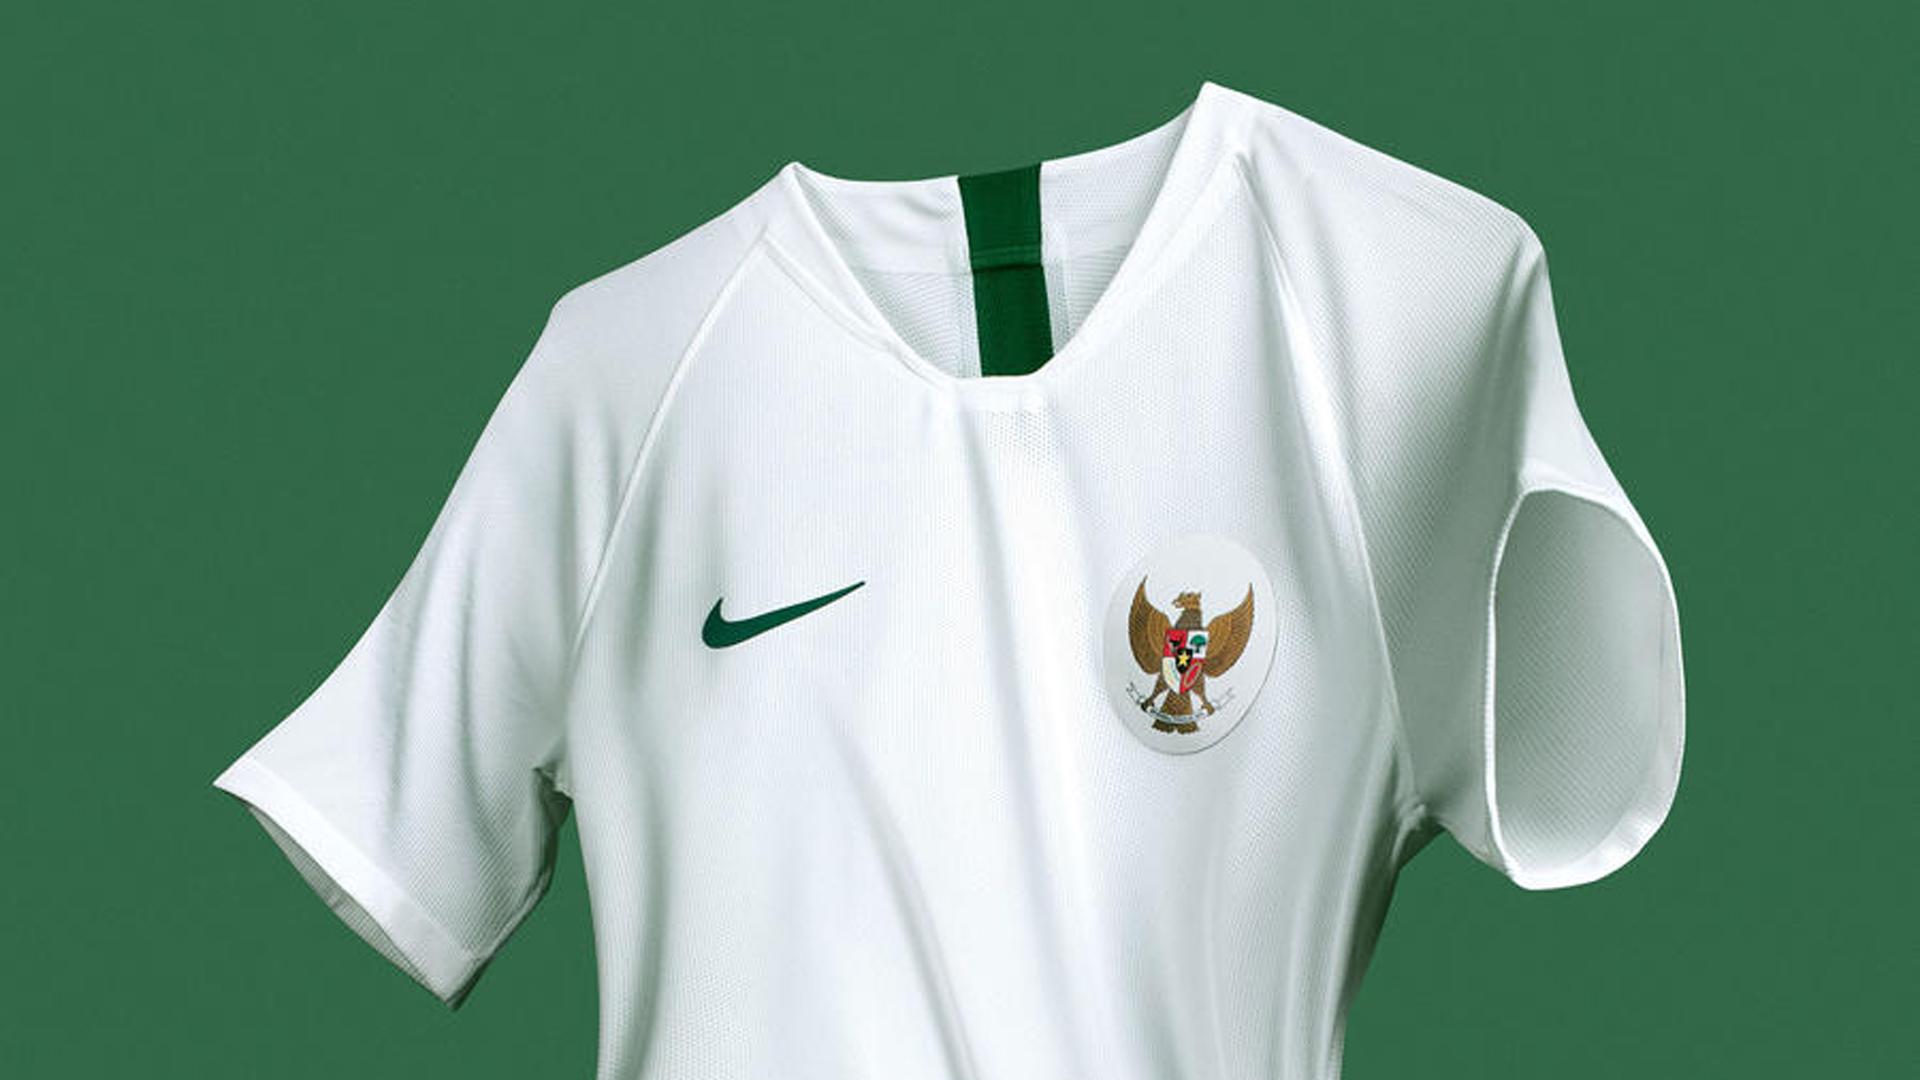 Jersey Timnas Indonesia Kaos Sepak Bola Merah Setelan Stelan Home Celana Asian Game 2018 Baju Kostum Jersy Jersi Futsal  Baru New Grade Lokal Size M